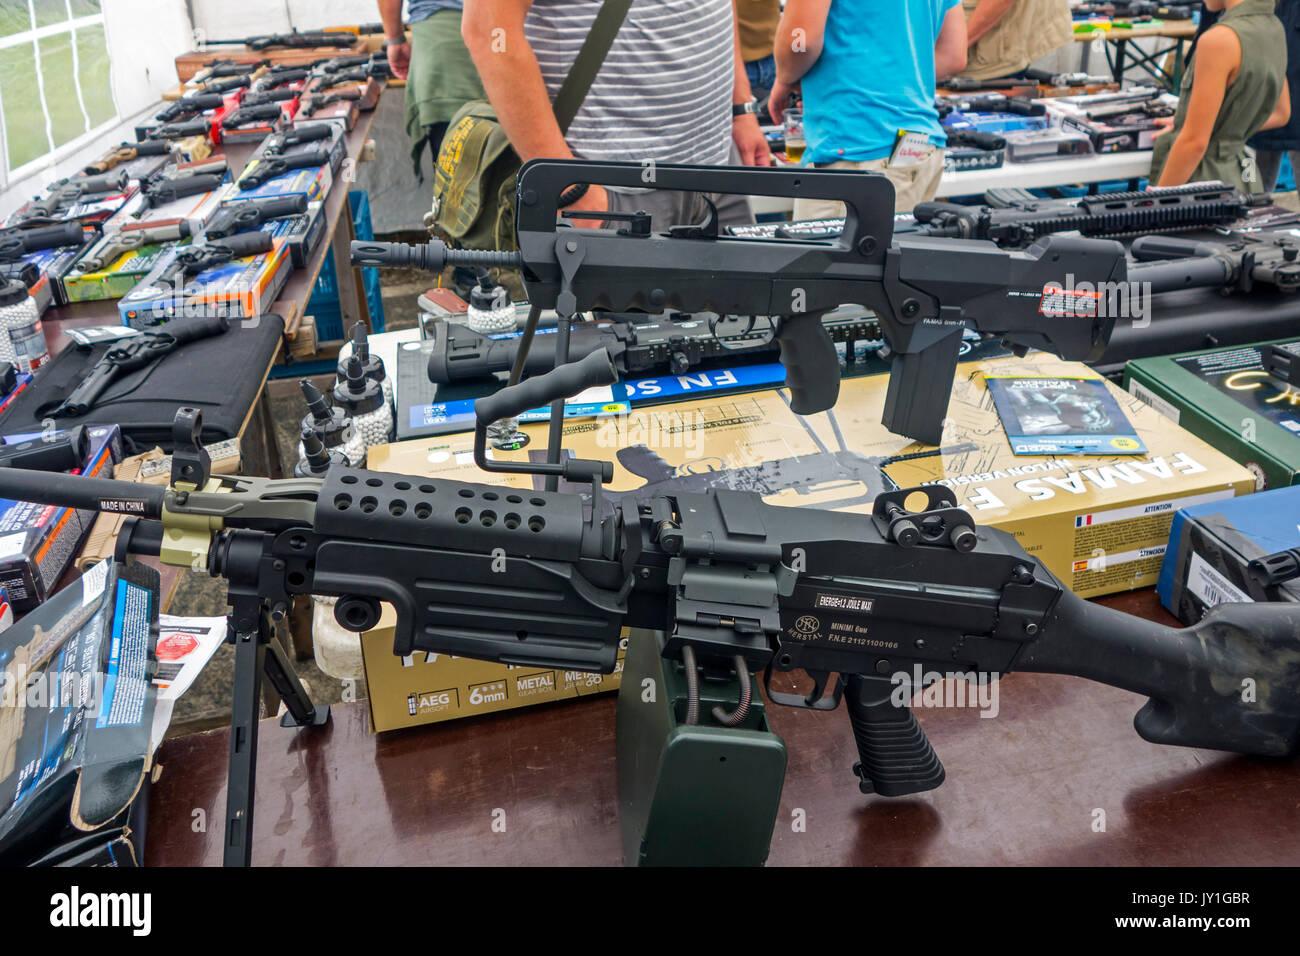 Bei militaria Messe verkaufen airsoft Waffen stehen, waffennachbildungen, die echten Schusswaffen wie FN Minimi M249 SAW und FAMAS-F1 realistisch ähneln Stockbild